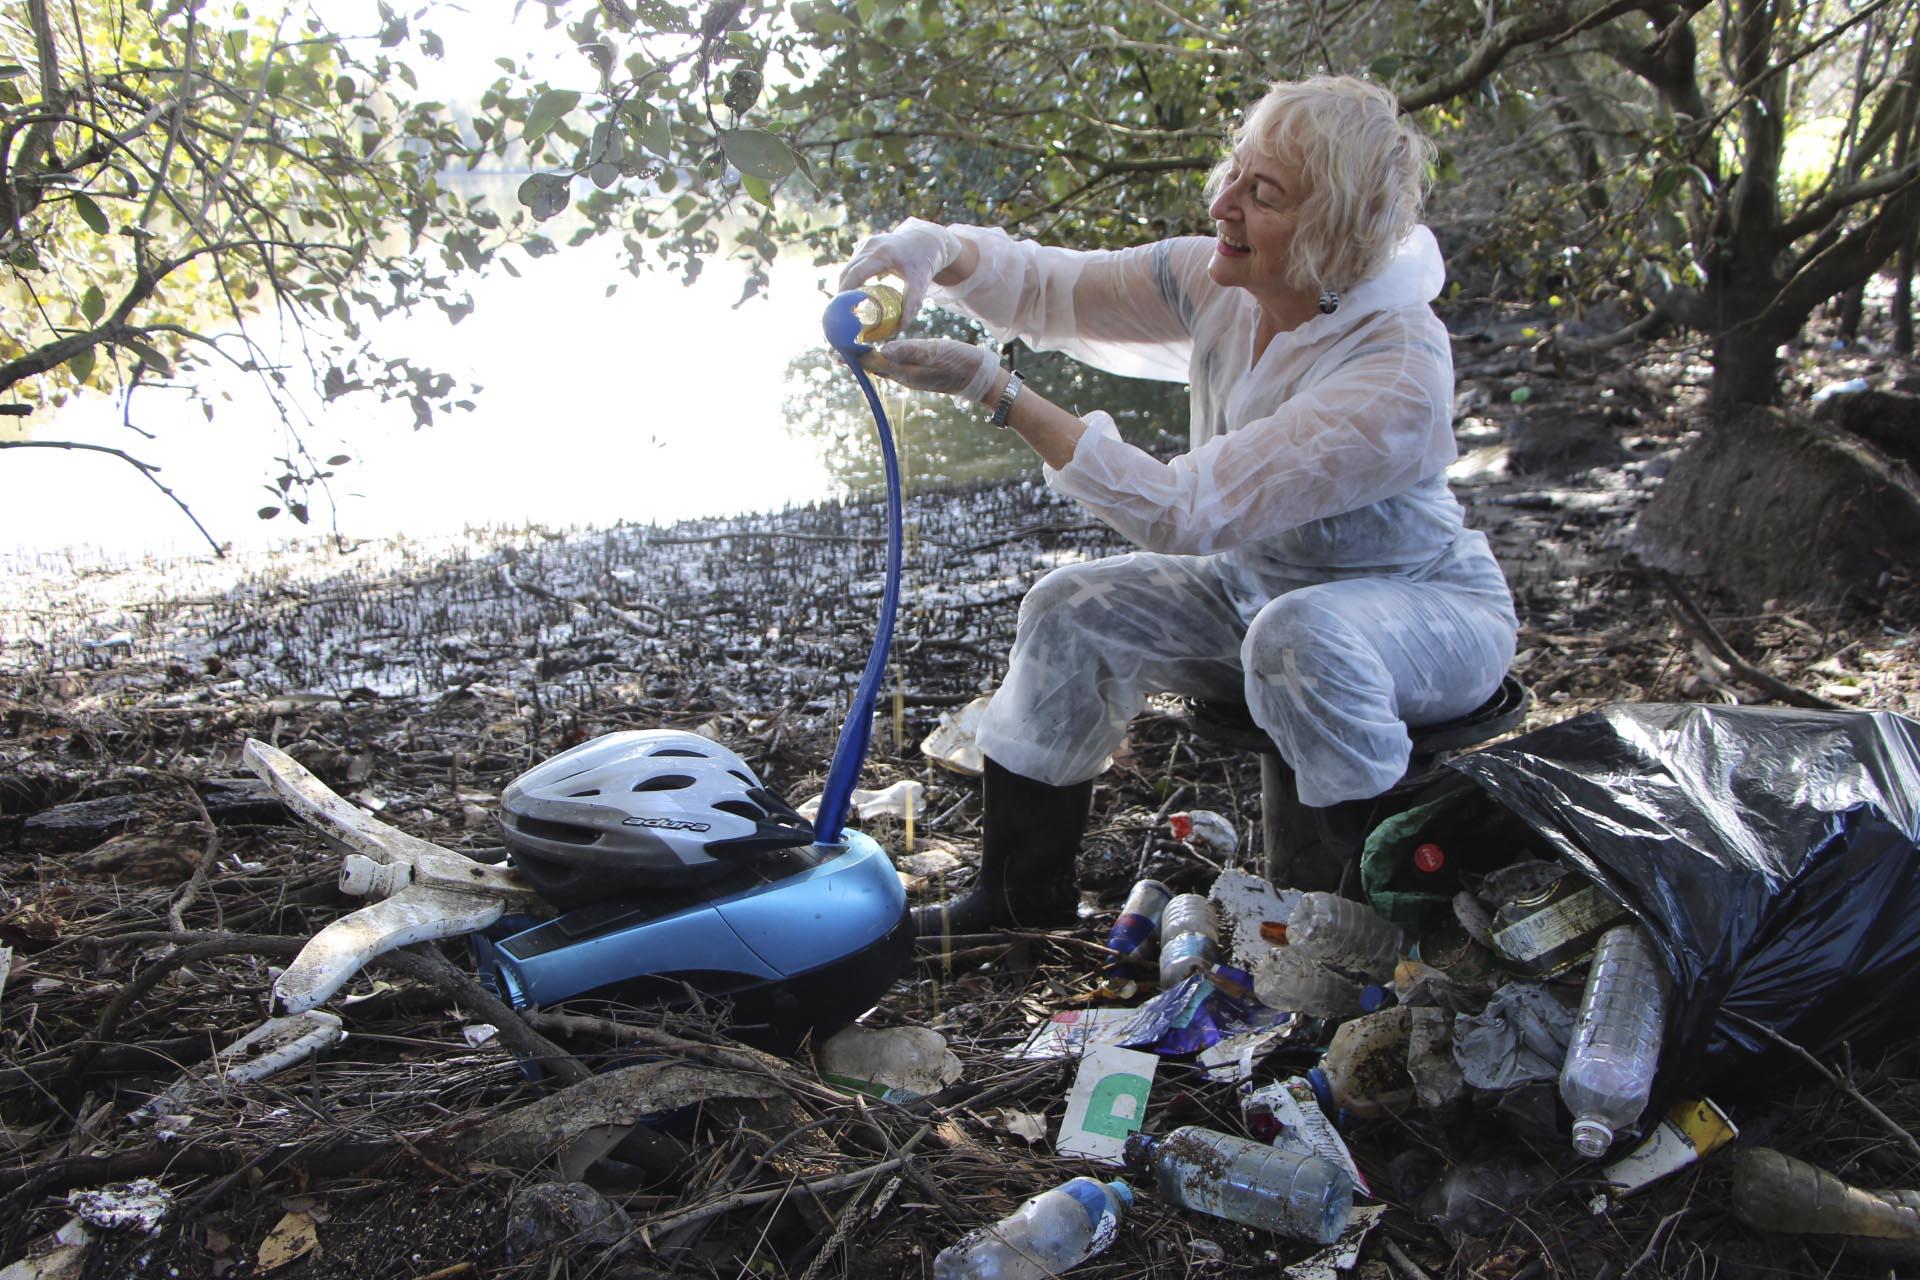 2054 - A citizen feeds her pet Flinger in the plastics garden on the Cooks River mangroves, Sydney.